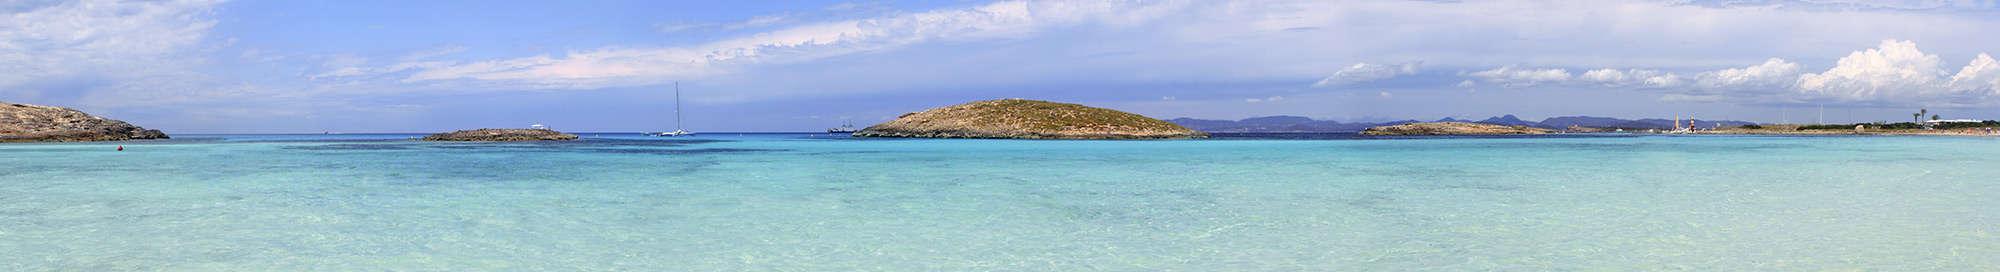 Week-end et séjour dans les Iles Baléares